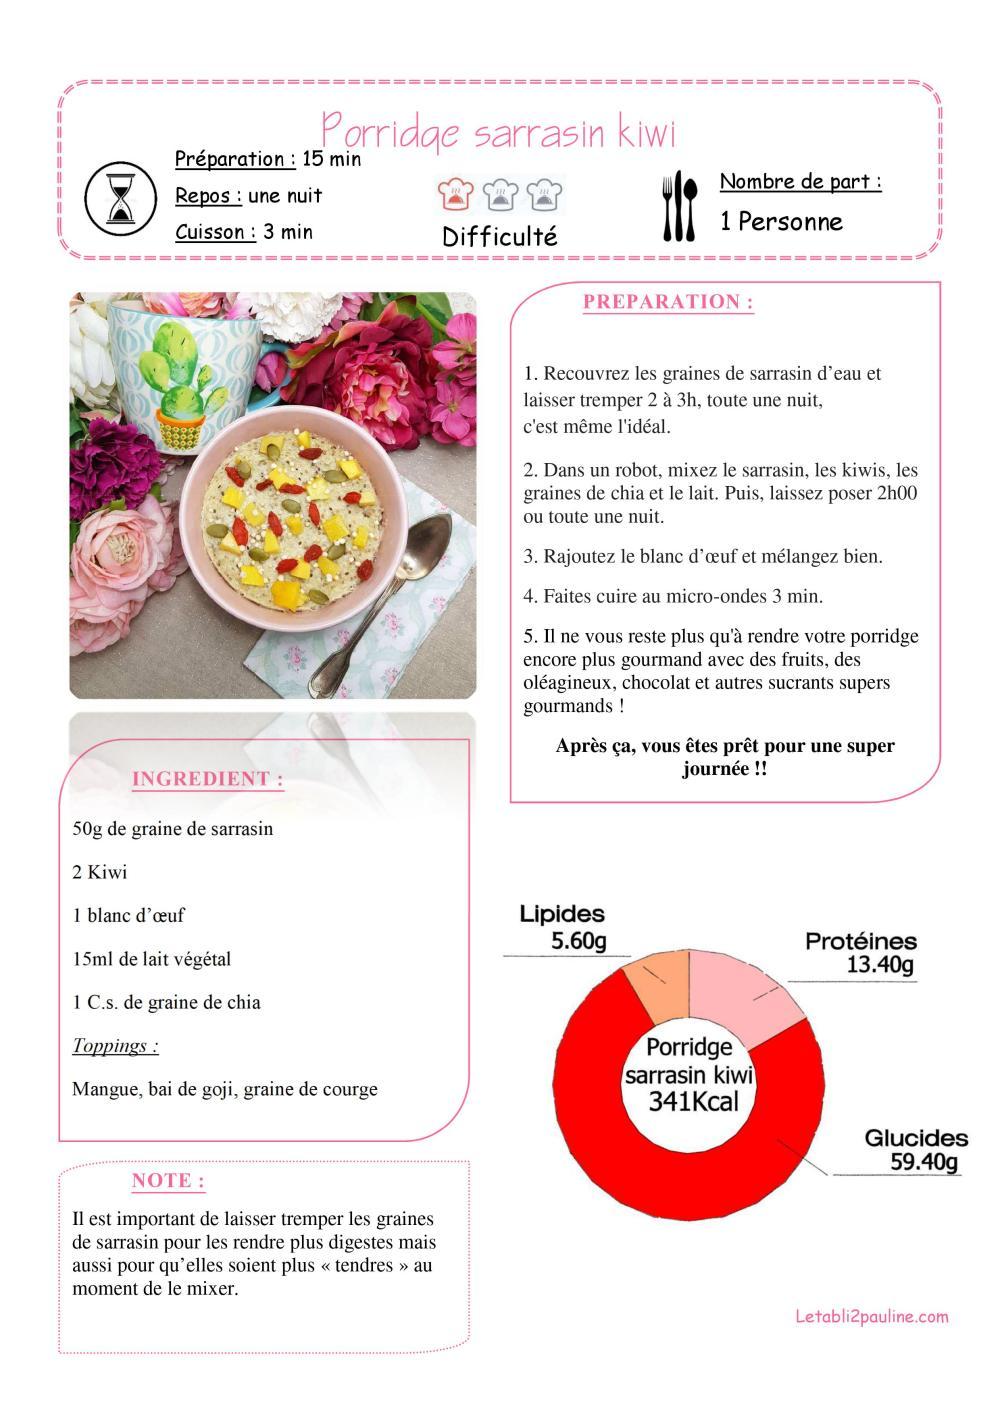 Porridge sarrasin kiwi.jpg